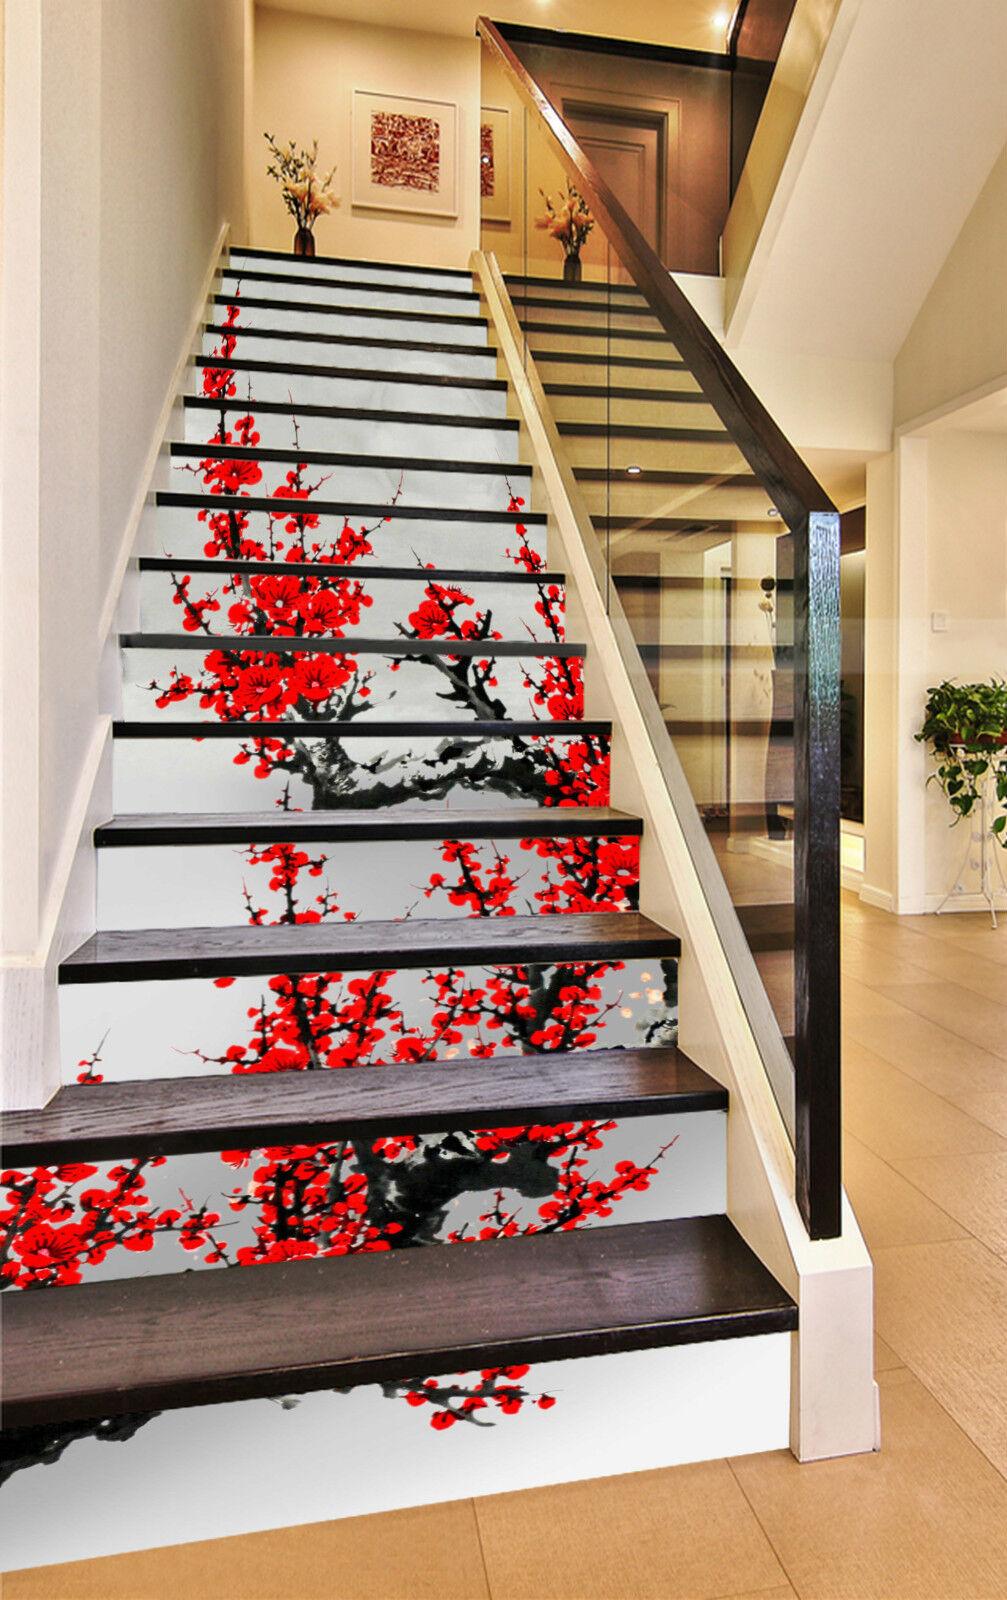 3D Pflaume Blaume 26 Stair Risers Dekoration Fototapete Vinyl Aufkleber Tapete DE